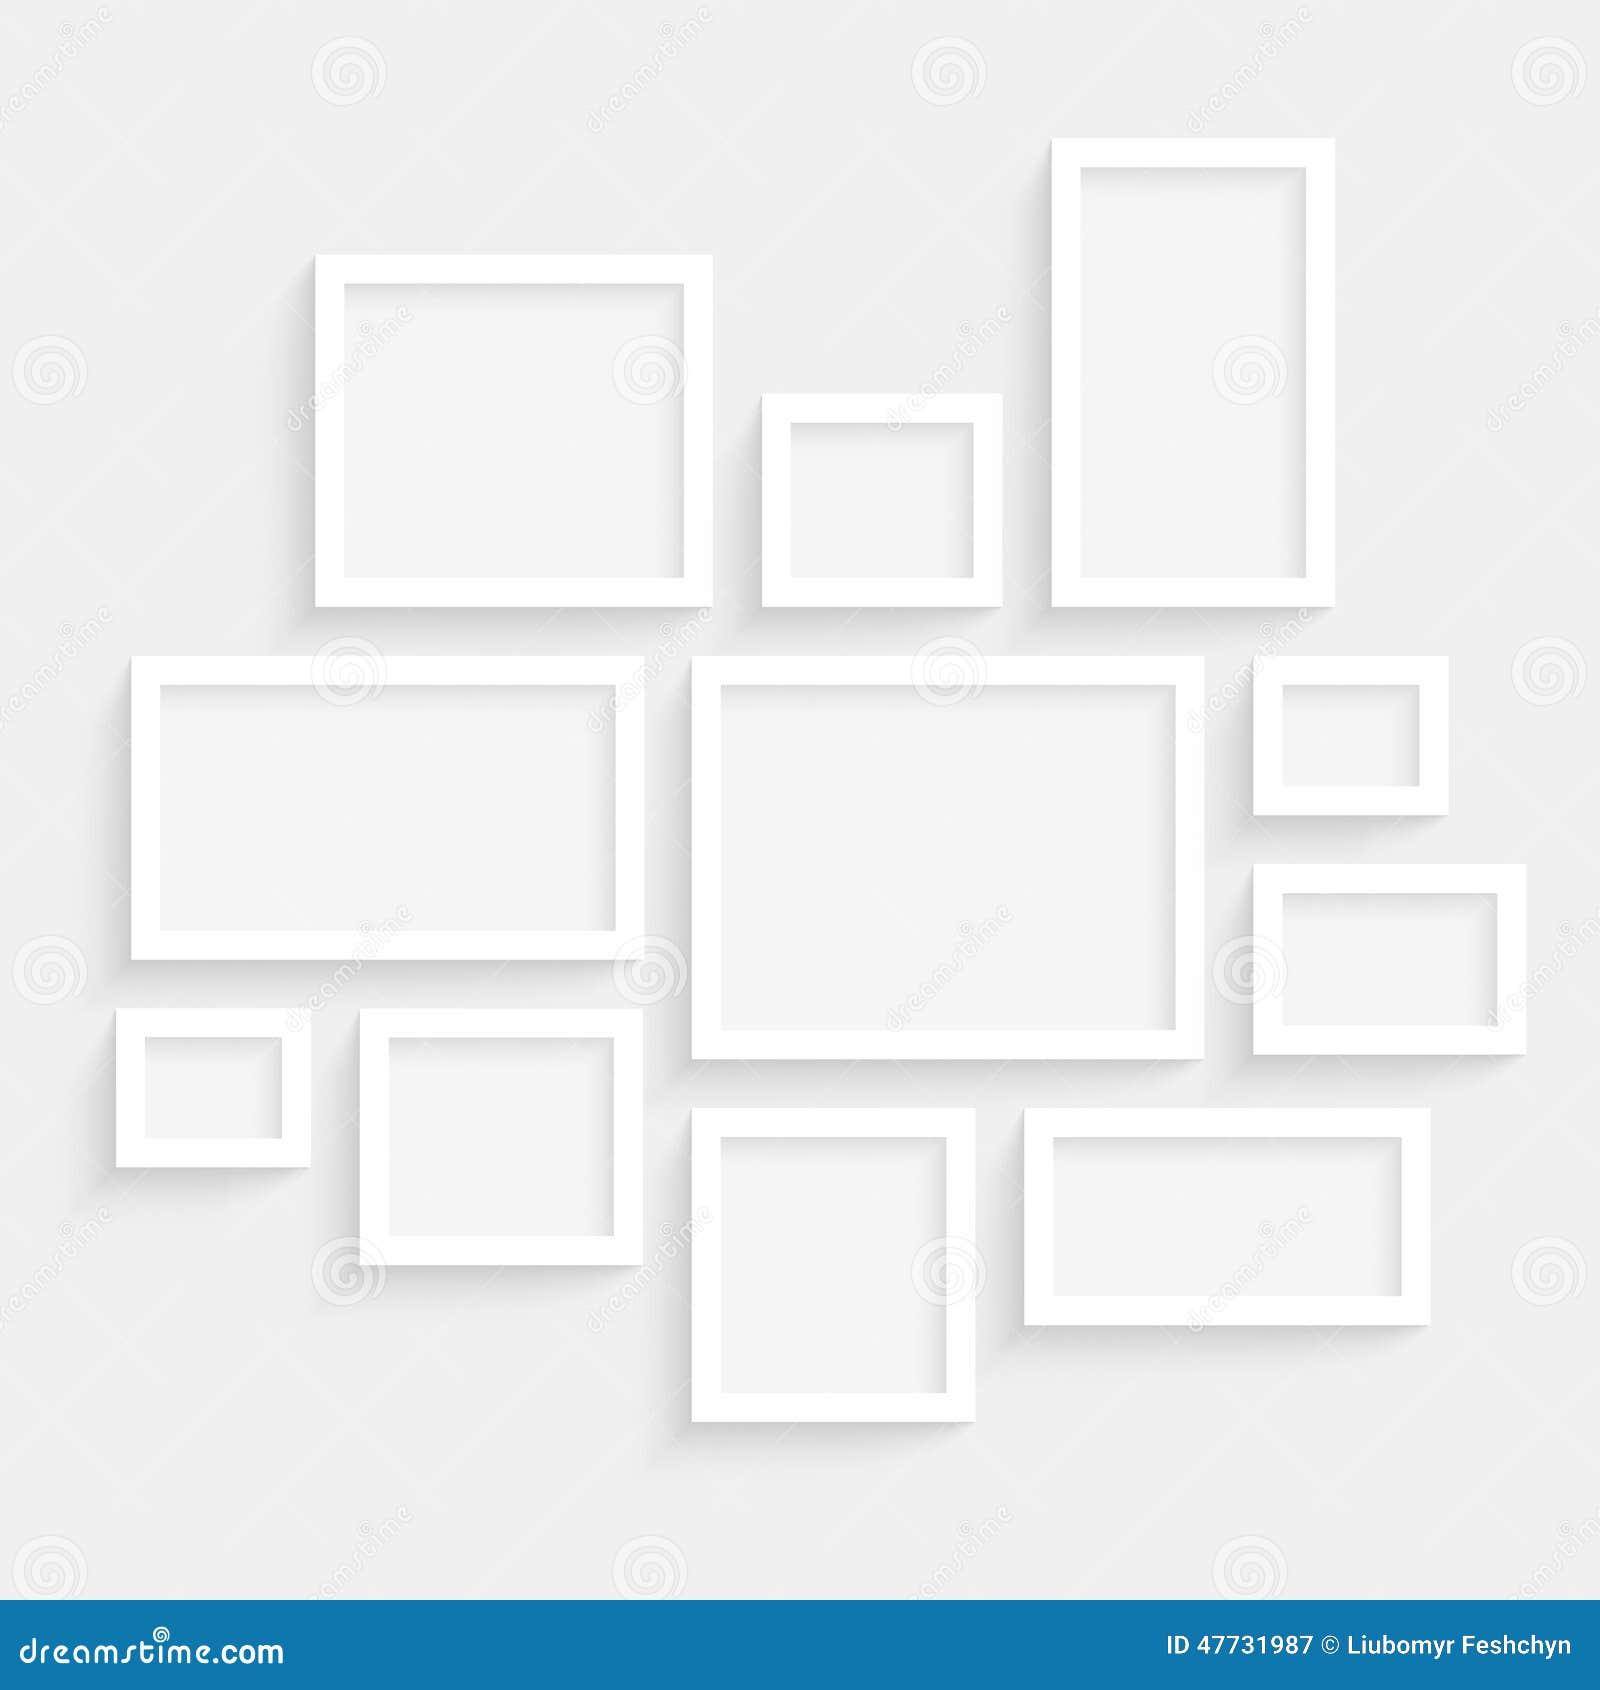 Vektormellanrumet inramar samlingen på väggen med genomskinliga realistiska skuggaeffekter